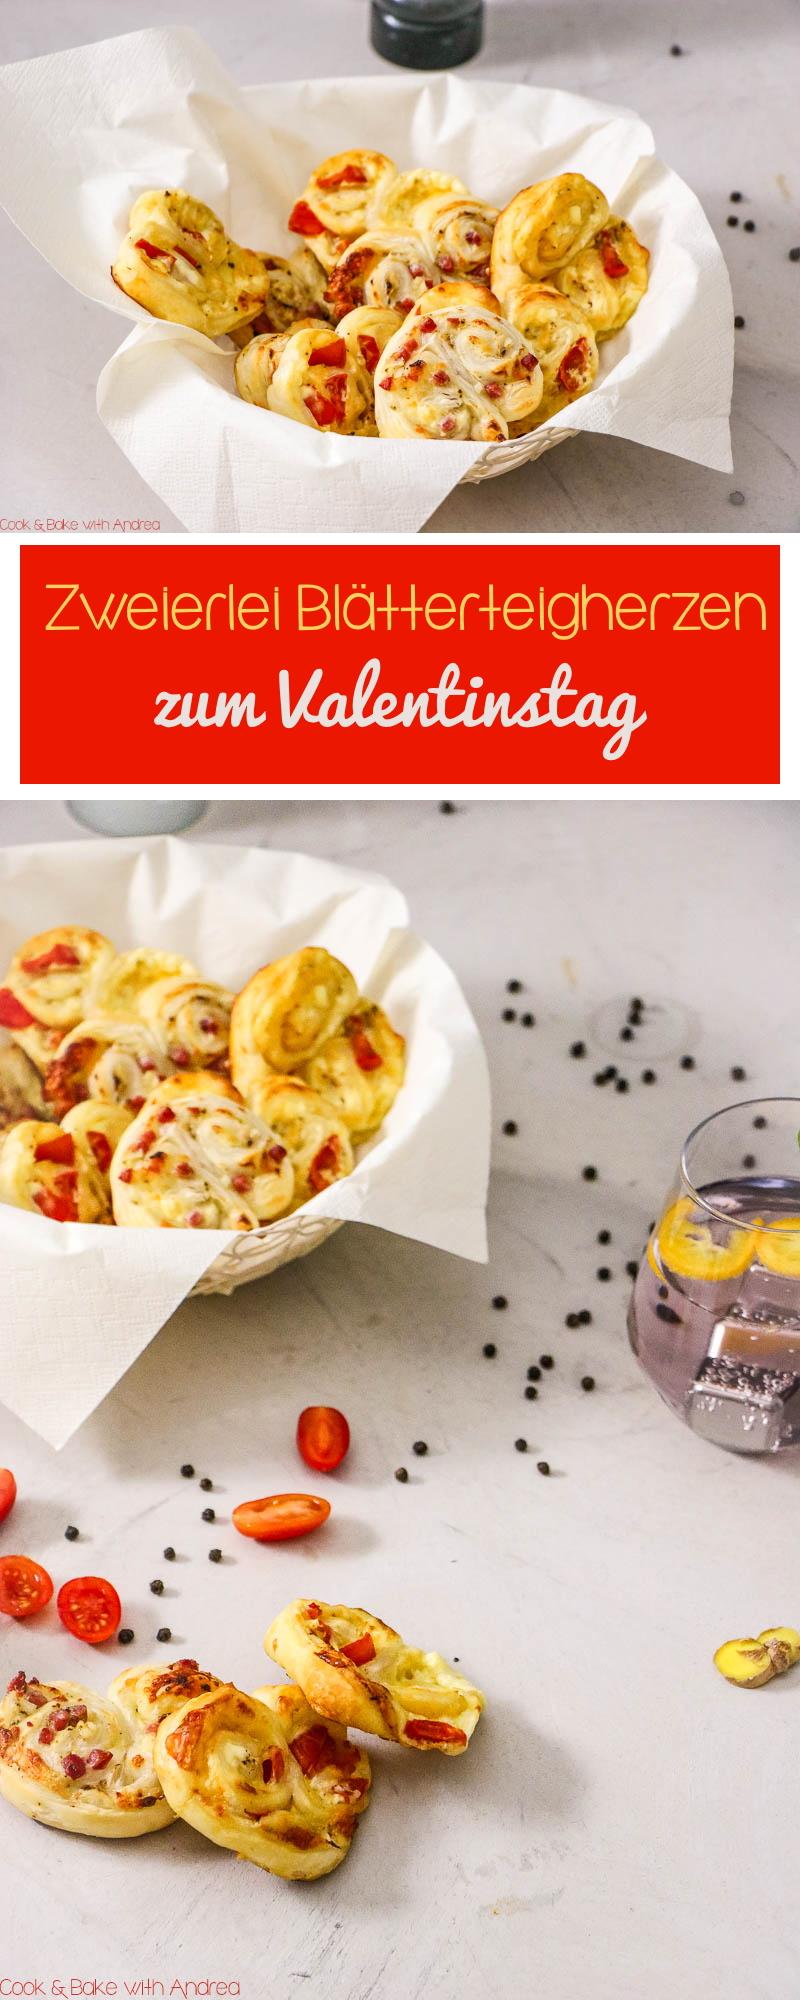 Der Valentinstag steht vor der Tür und um eurem liebsten Menschen eine Freude zu machen, habe ich heute für euch zweierlei Blätterteigherzen und einen Liebestrank. Liebe geht schließlich durch den Magen und Cook & Bake with Andrea hat die passenden Rezepte für euch!